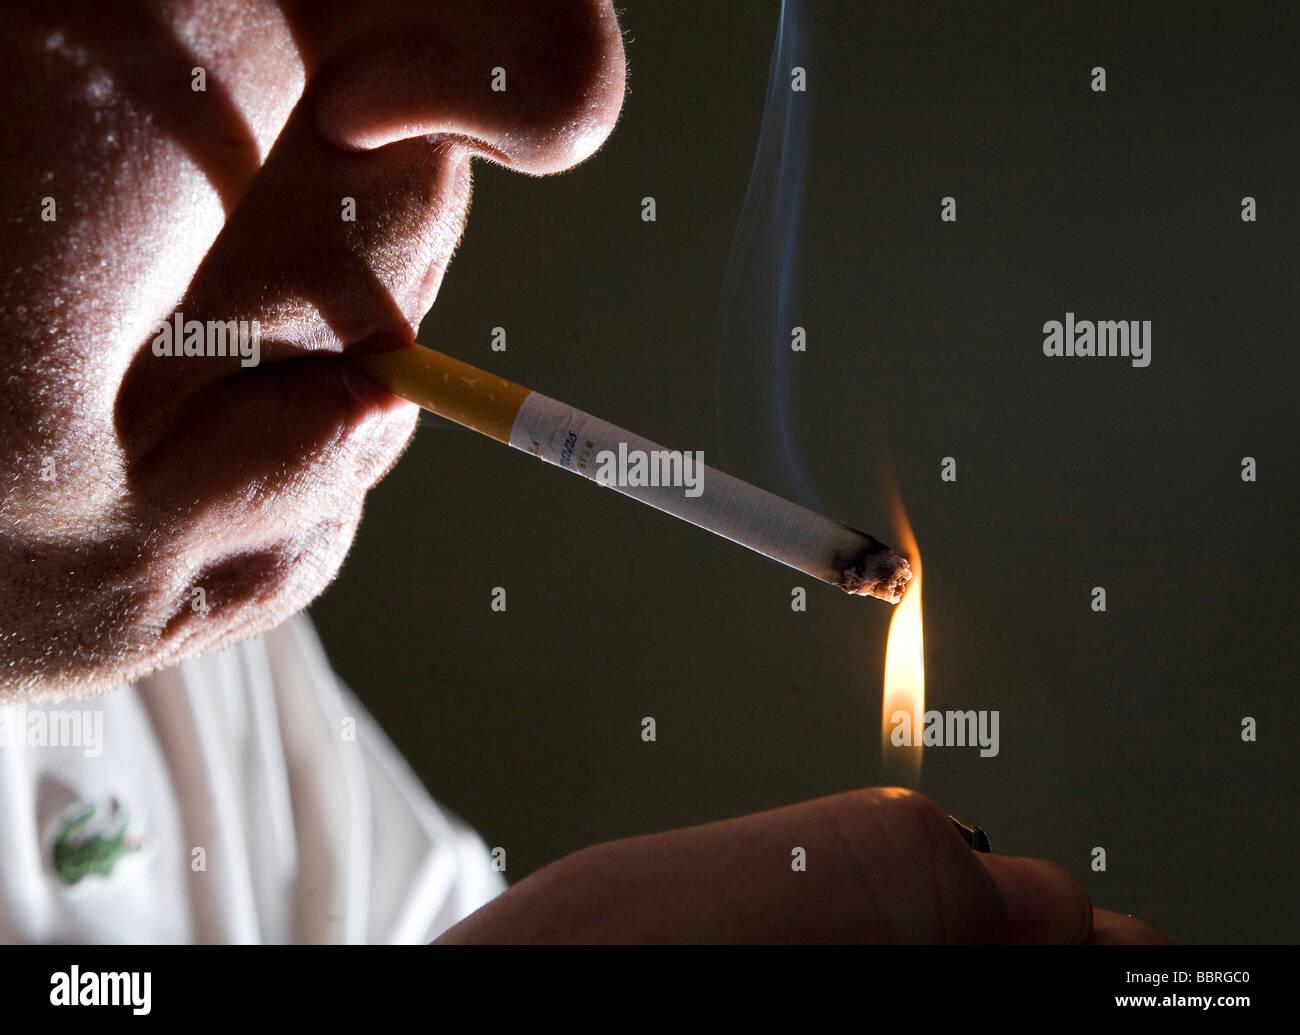 For sale cigarette manila